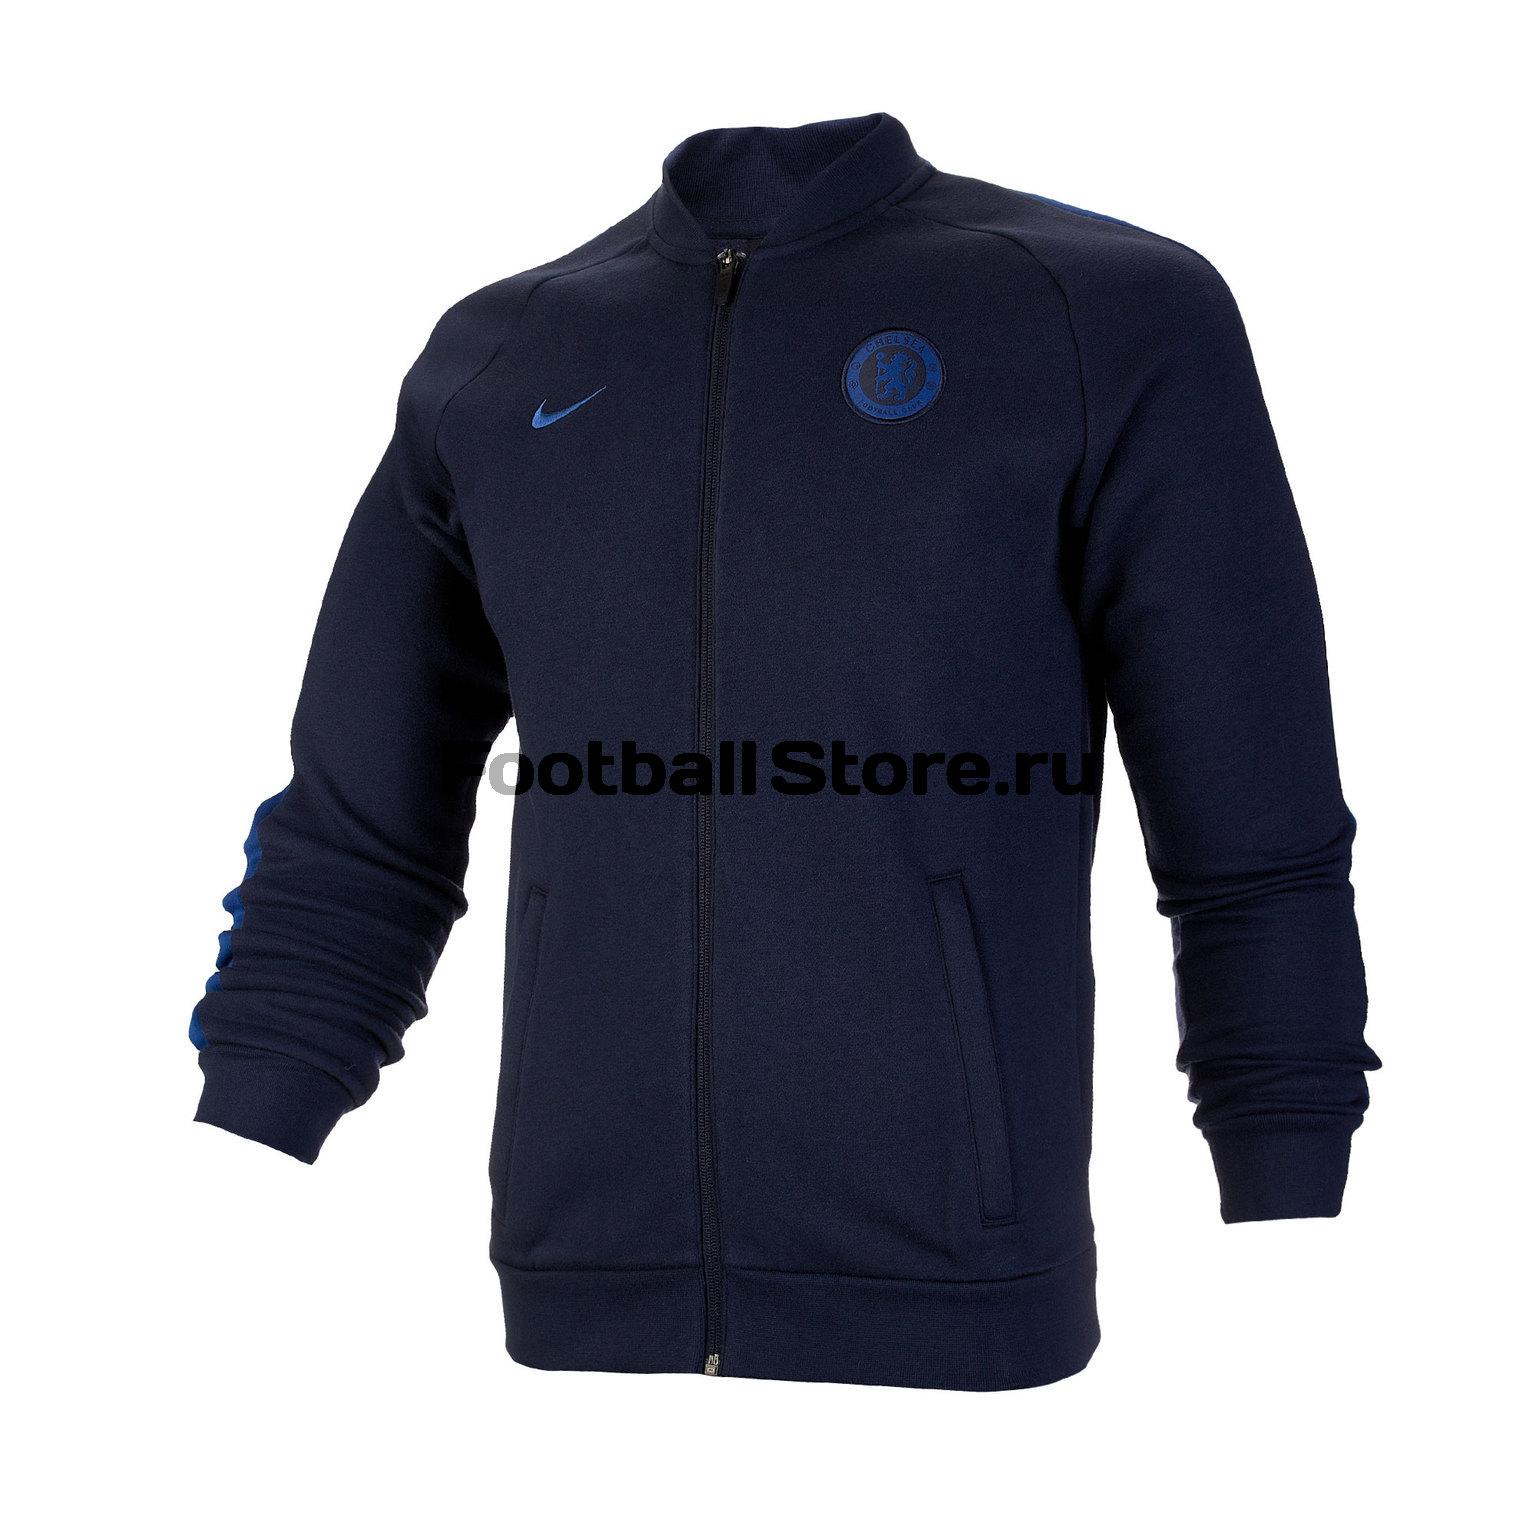 цена на Олимпийка Nike Chelsea Fleece Jacket AT4433-451